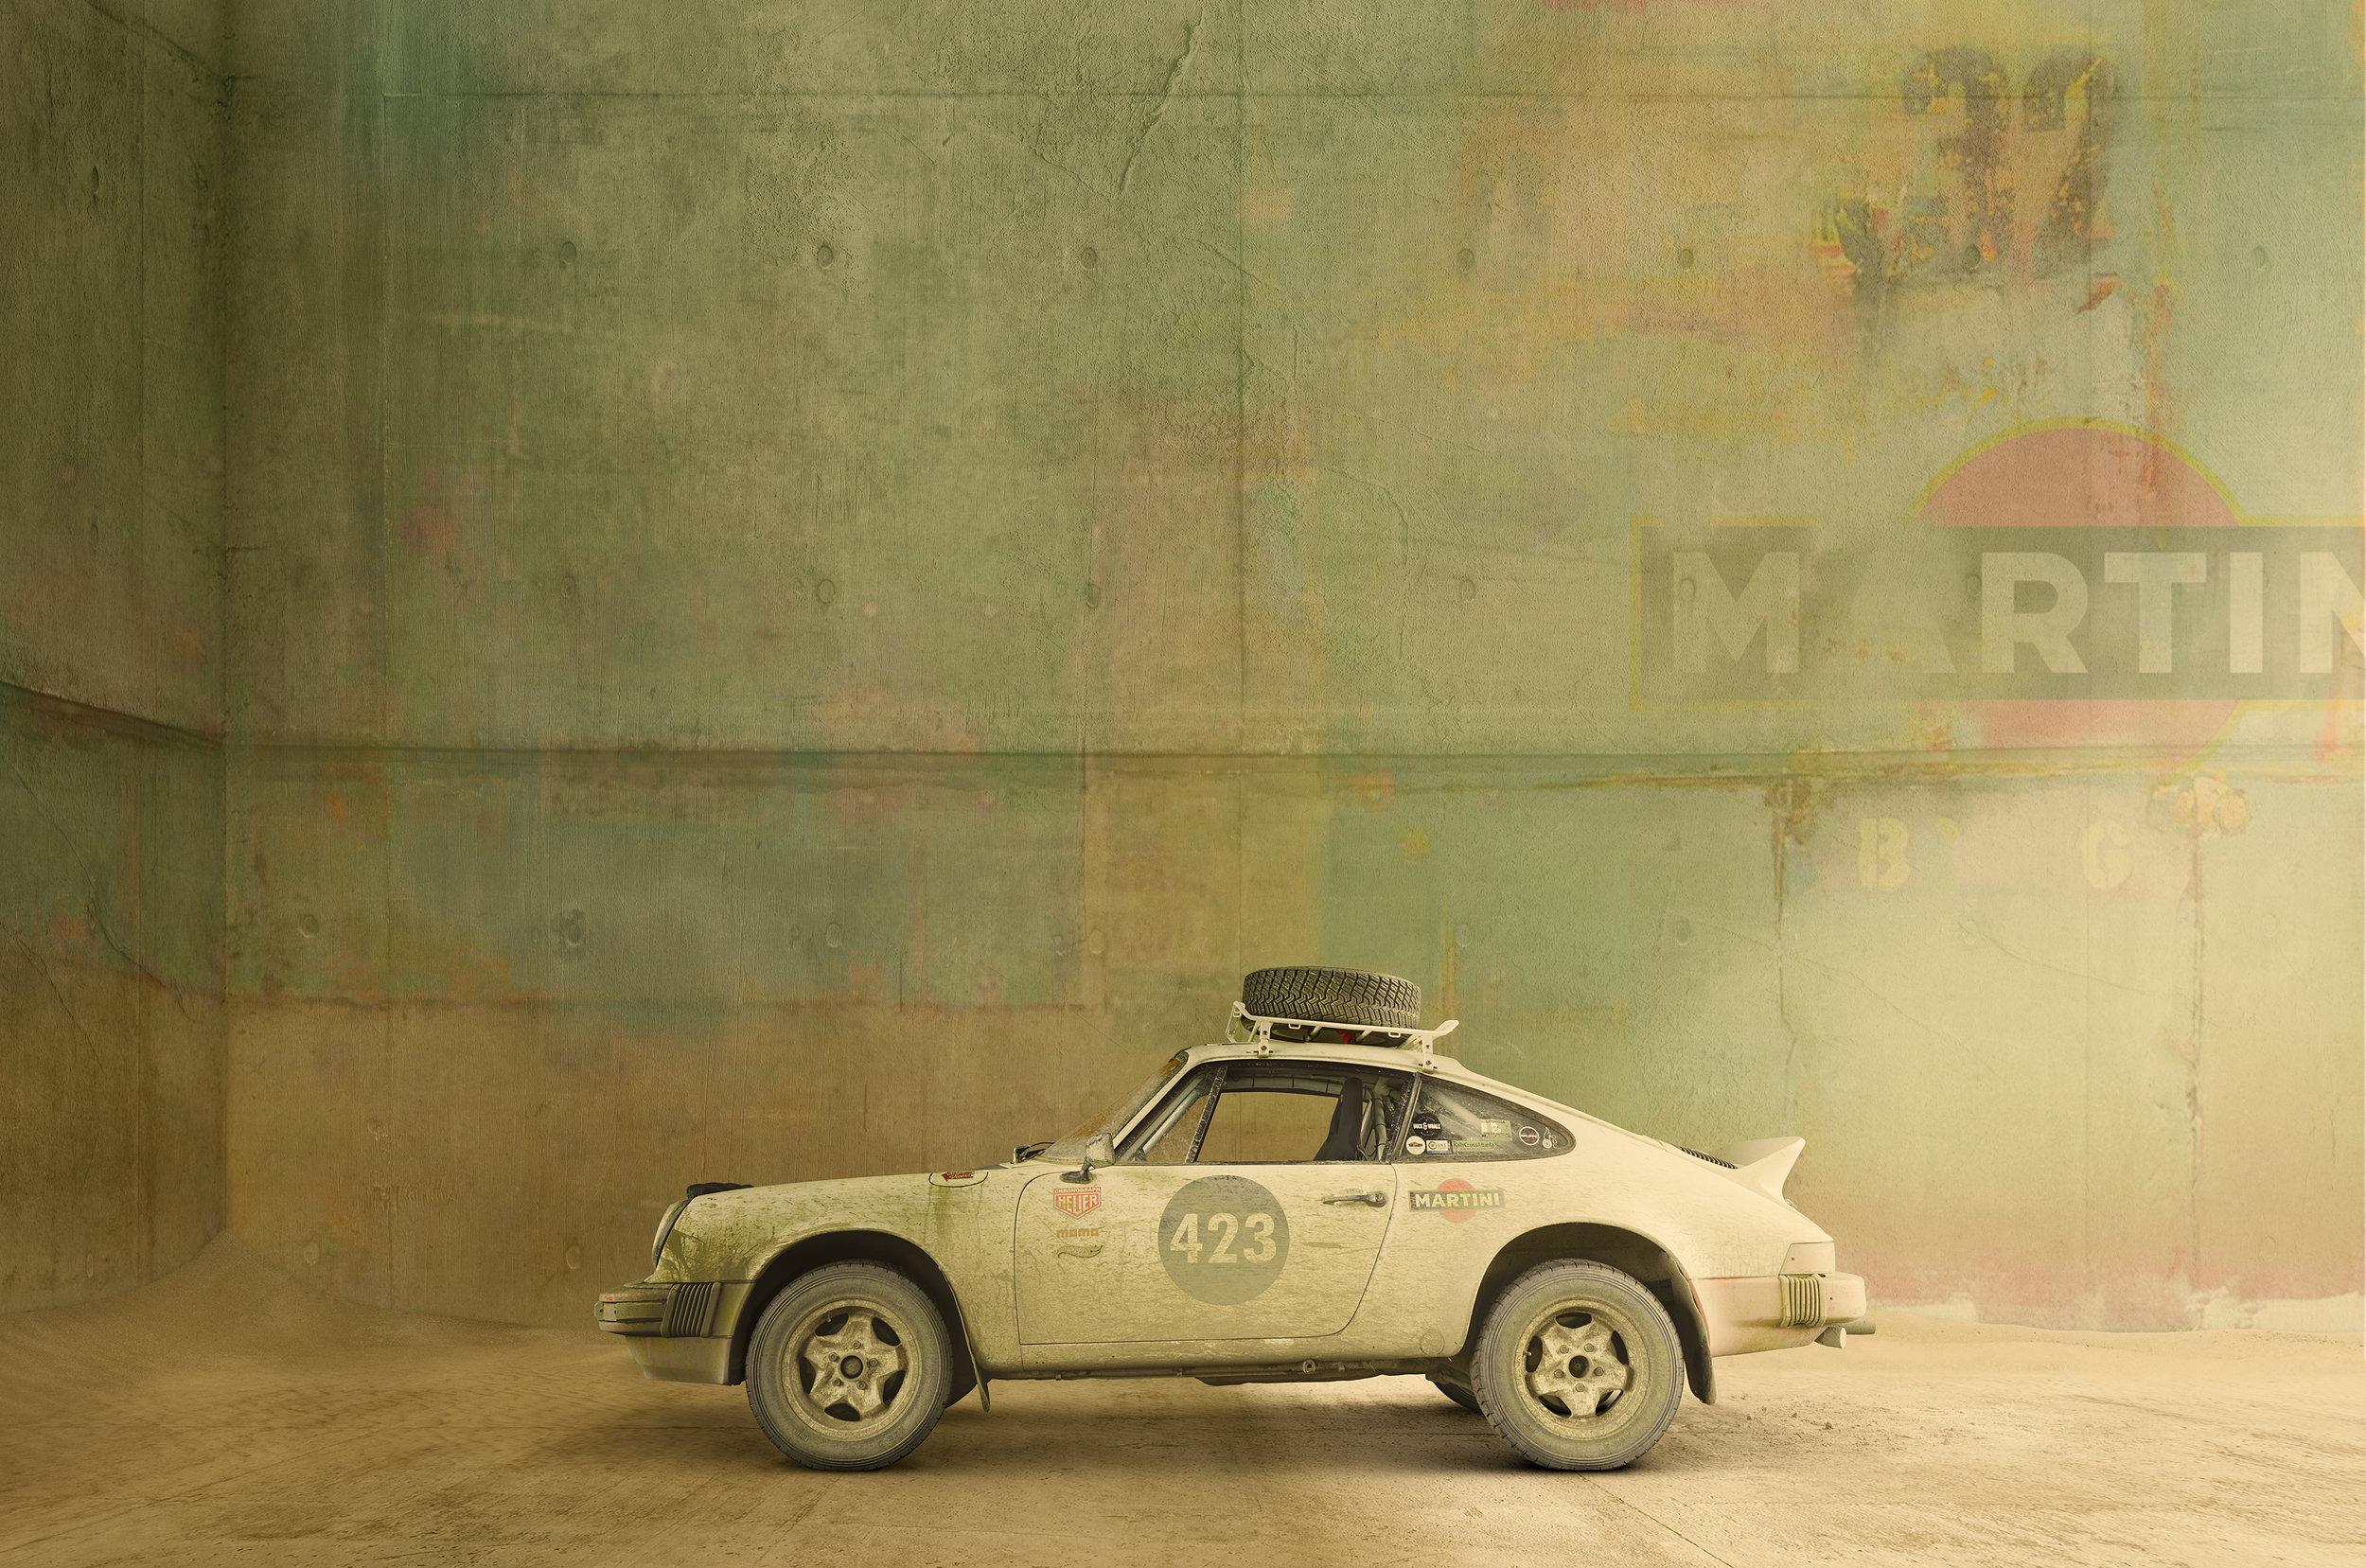 PorscheRallyCar-0831_Version6_FINAL.jpg